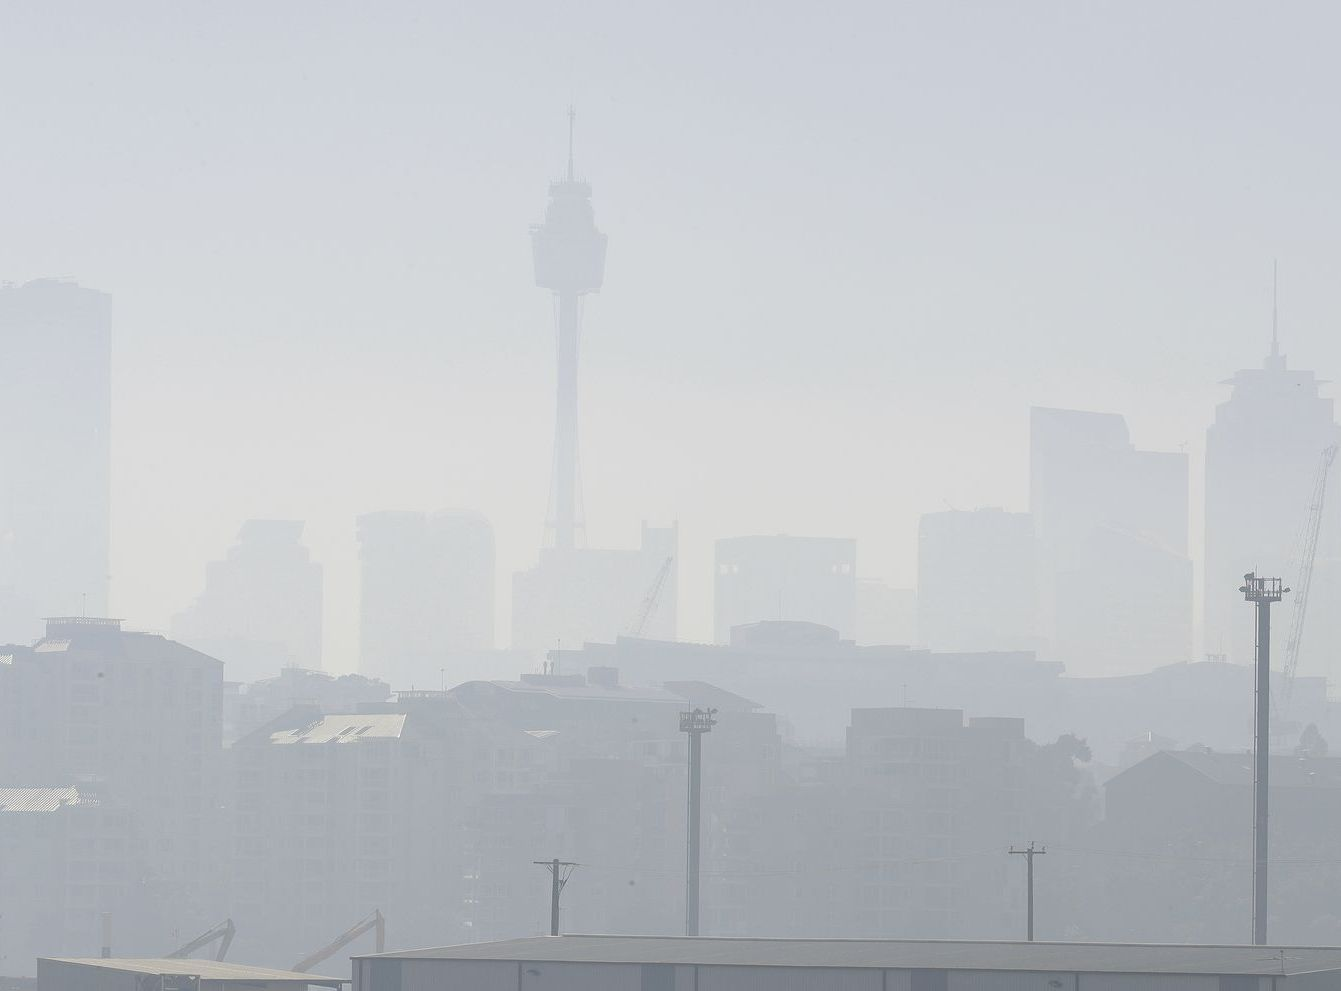 山火產生的大量濃煙嚴重影響空氣質素。AP